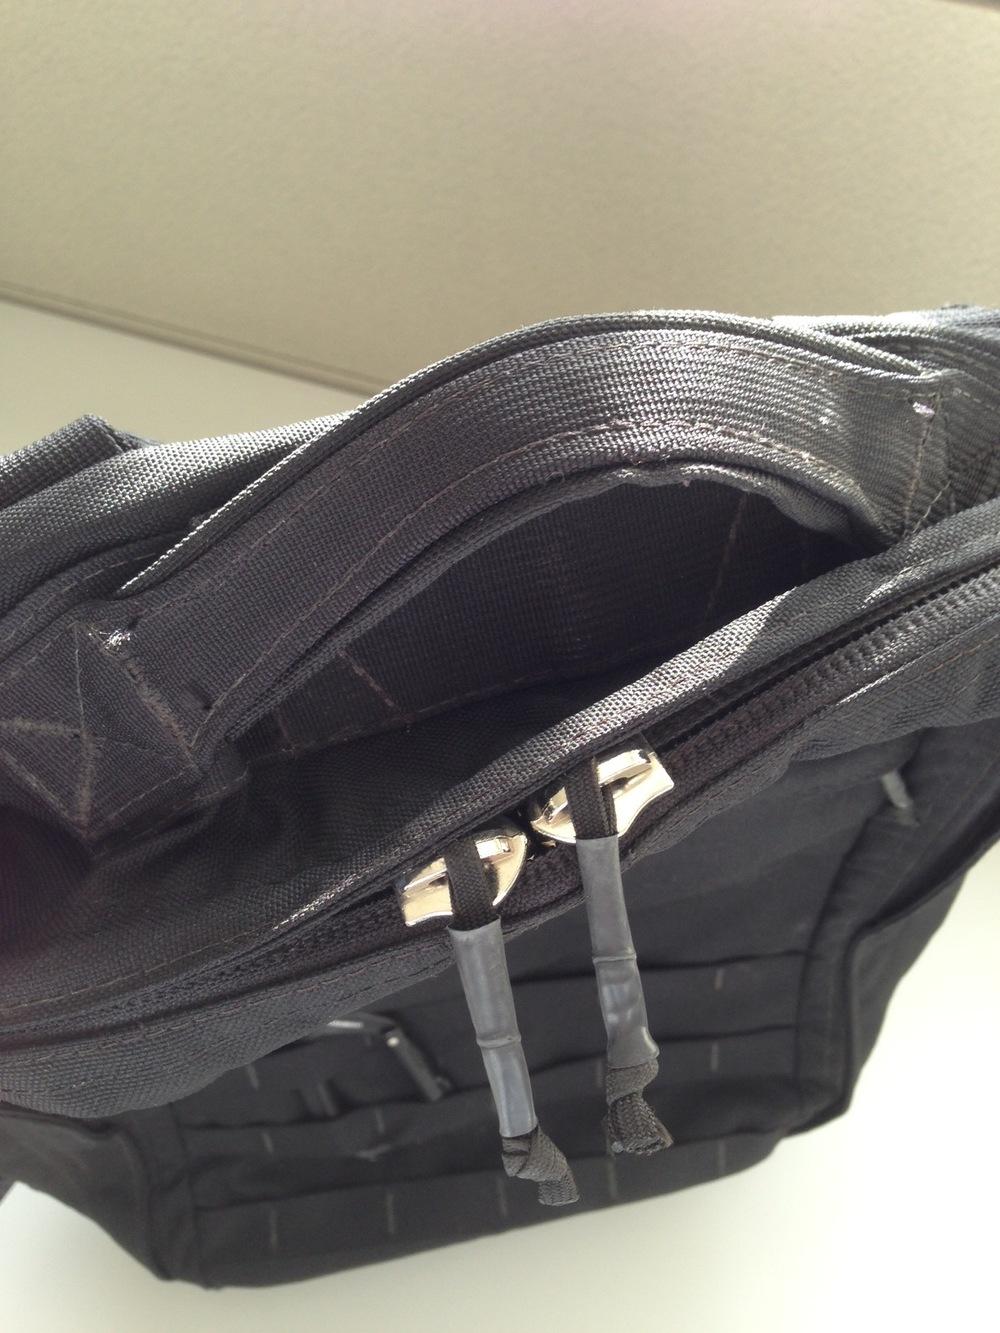 handle-zipper.JPG